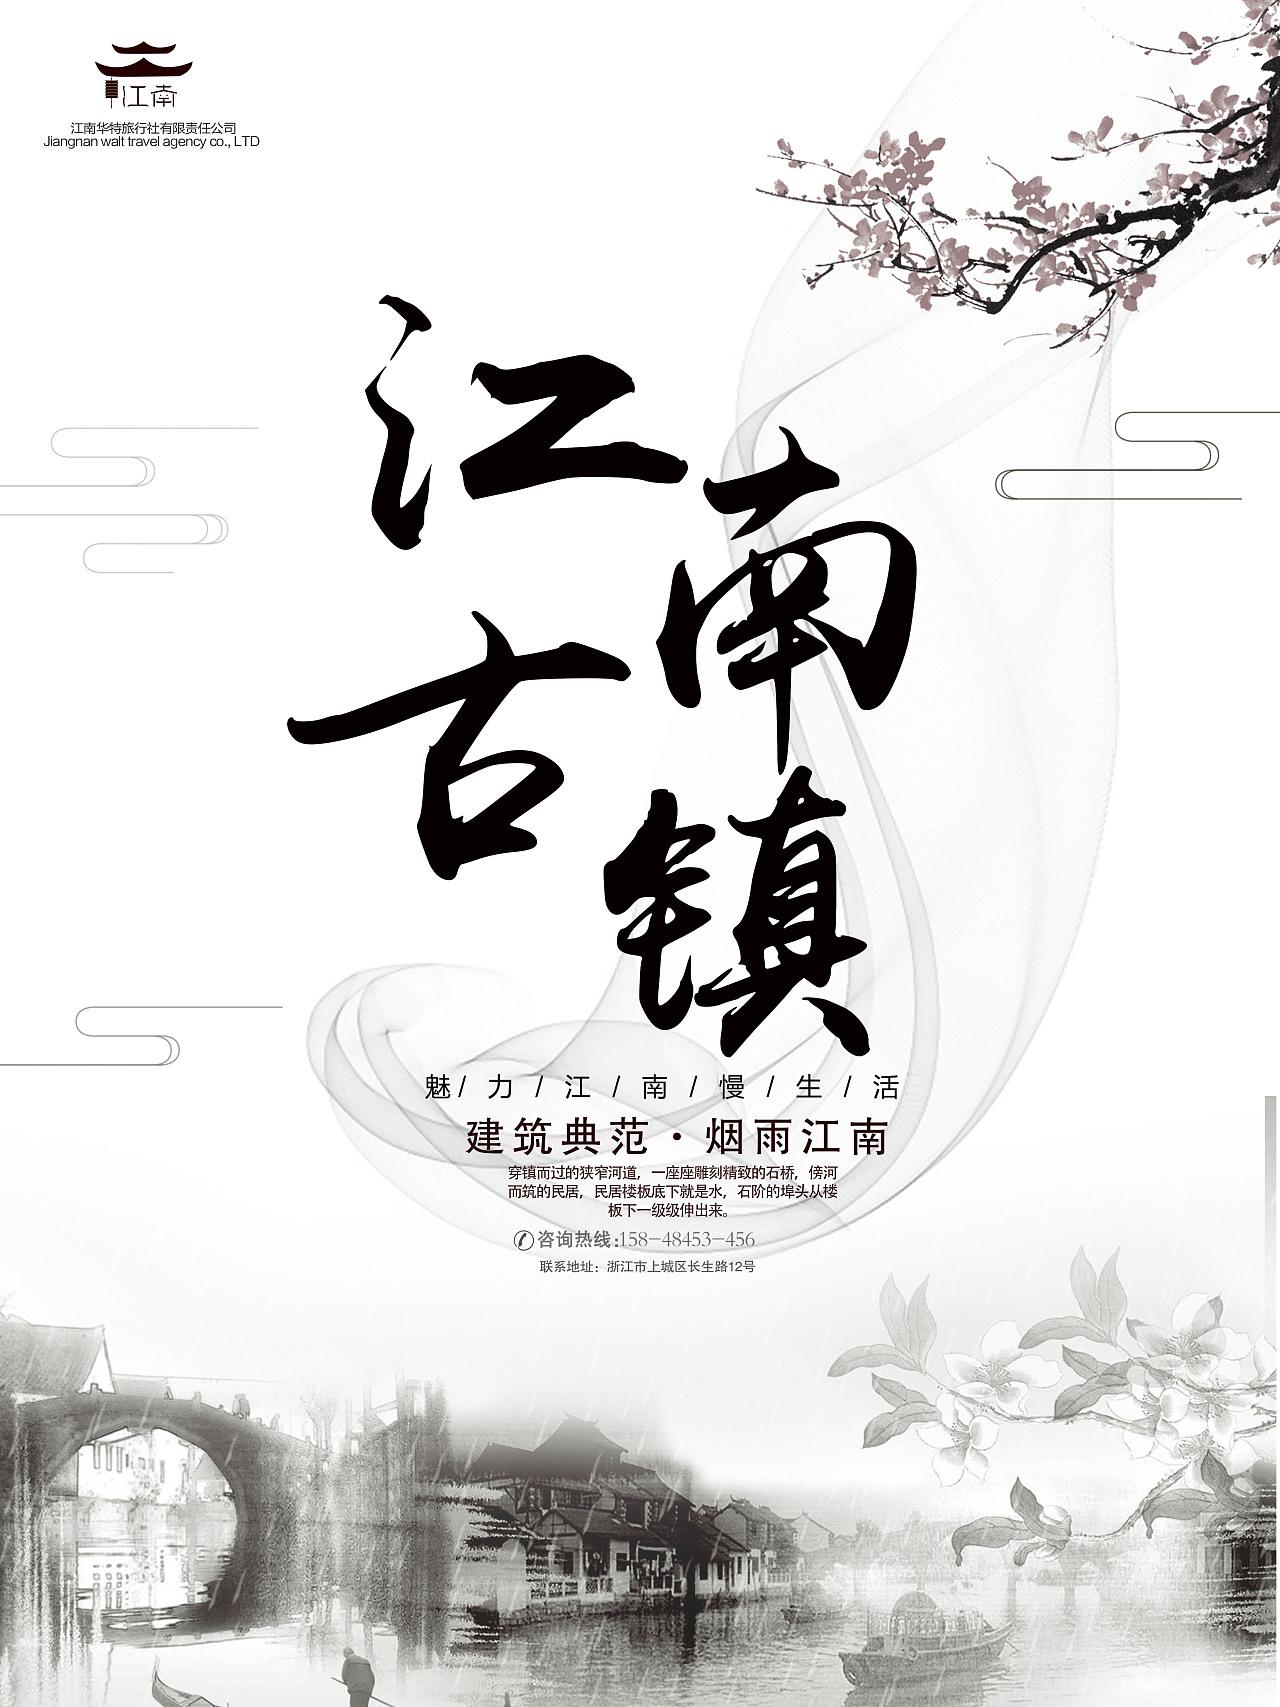 江南旅行社海报,折页,画册图片